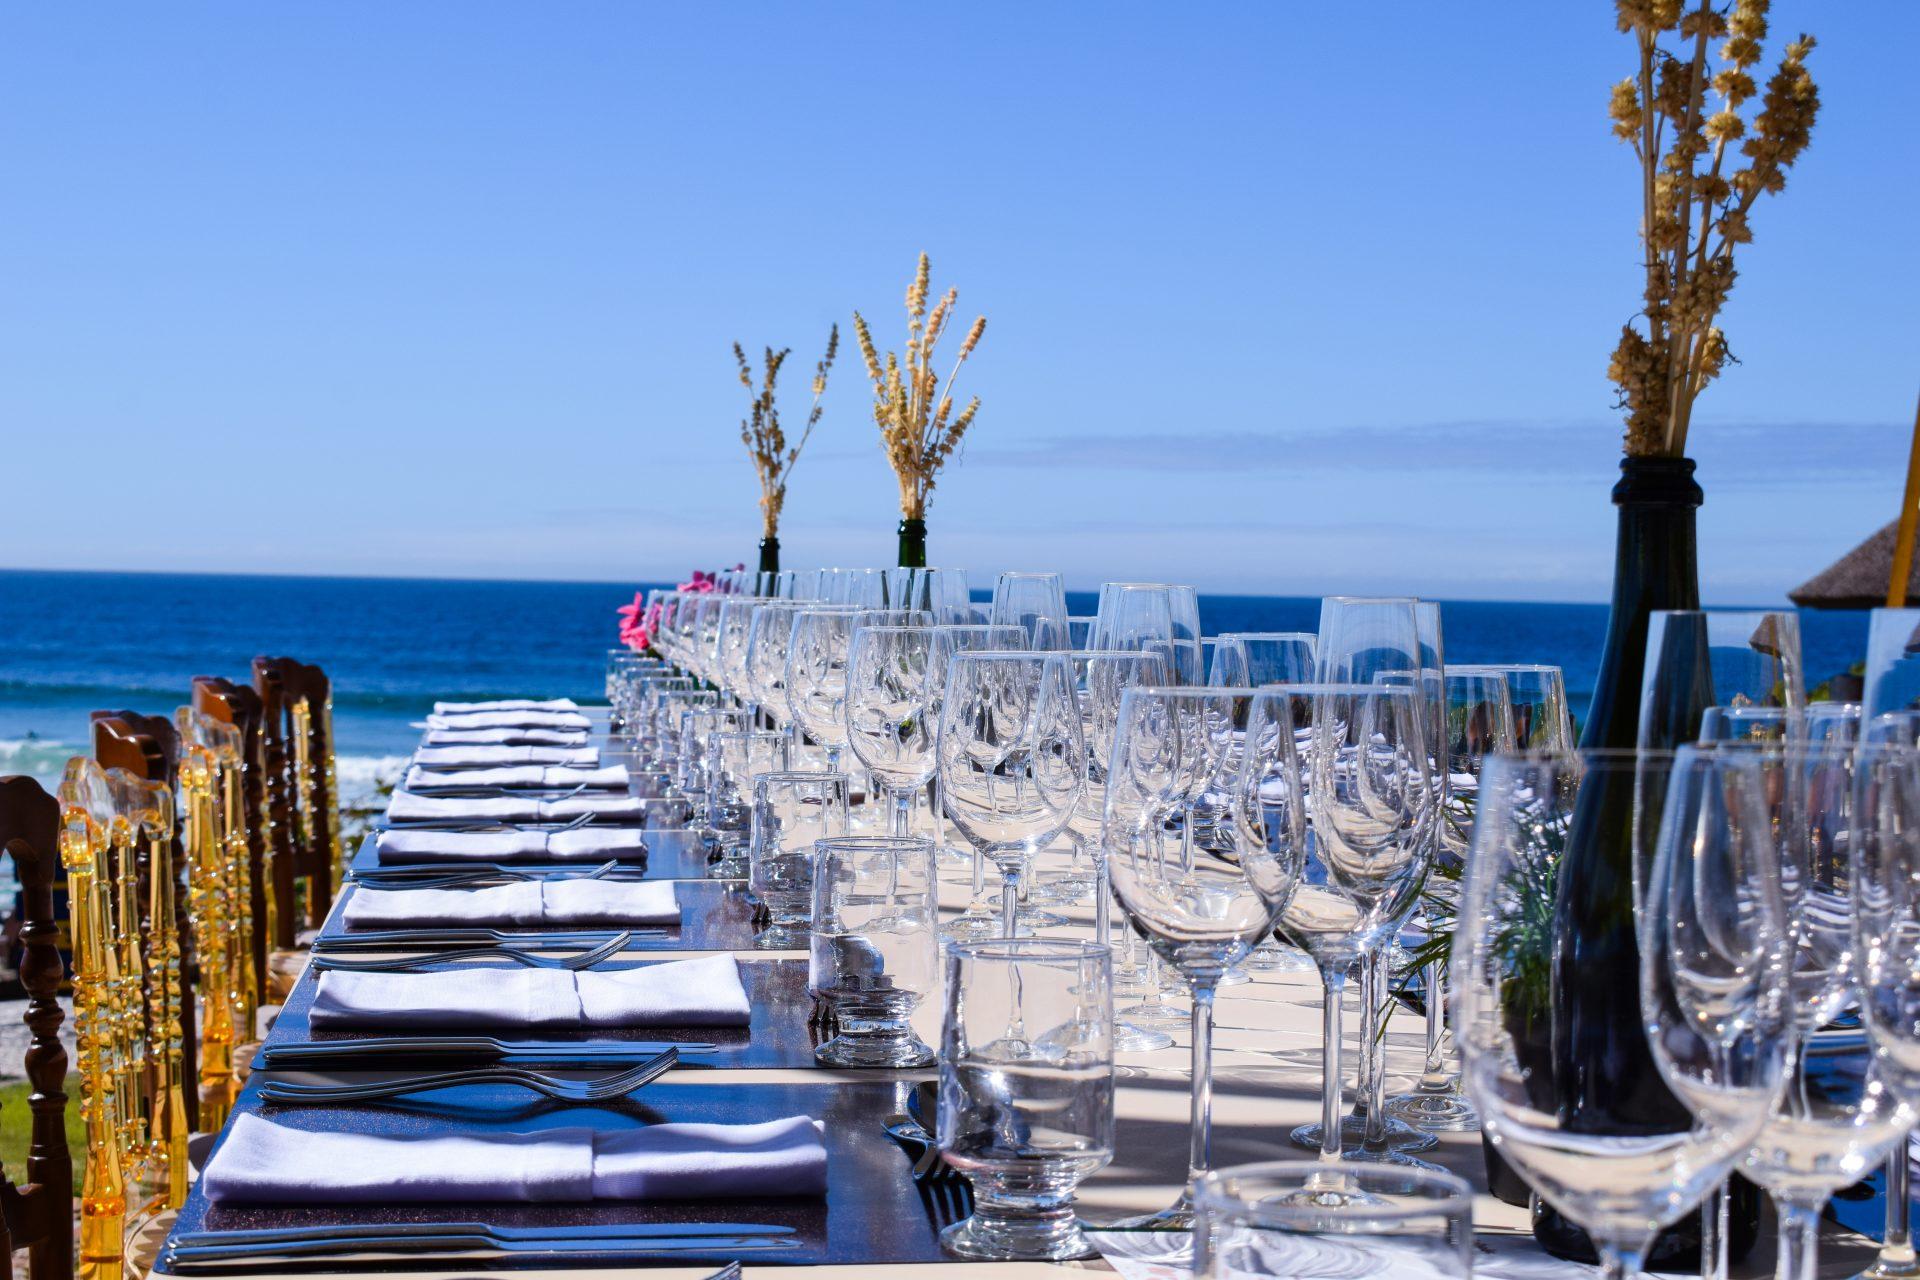 Mesa posta para um evento com taças, pratos e talheres e o mar e o céu ao fundo em tons de azul.